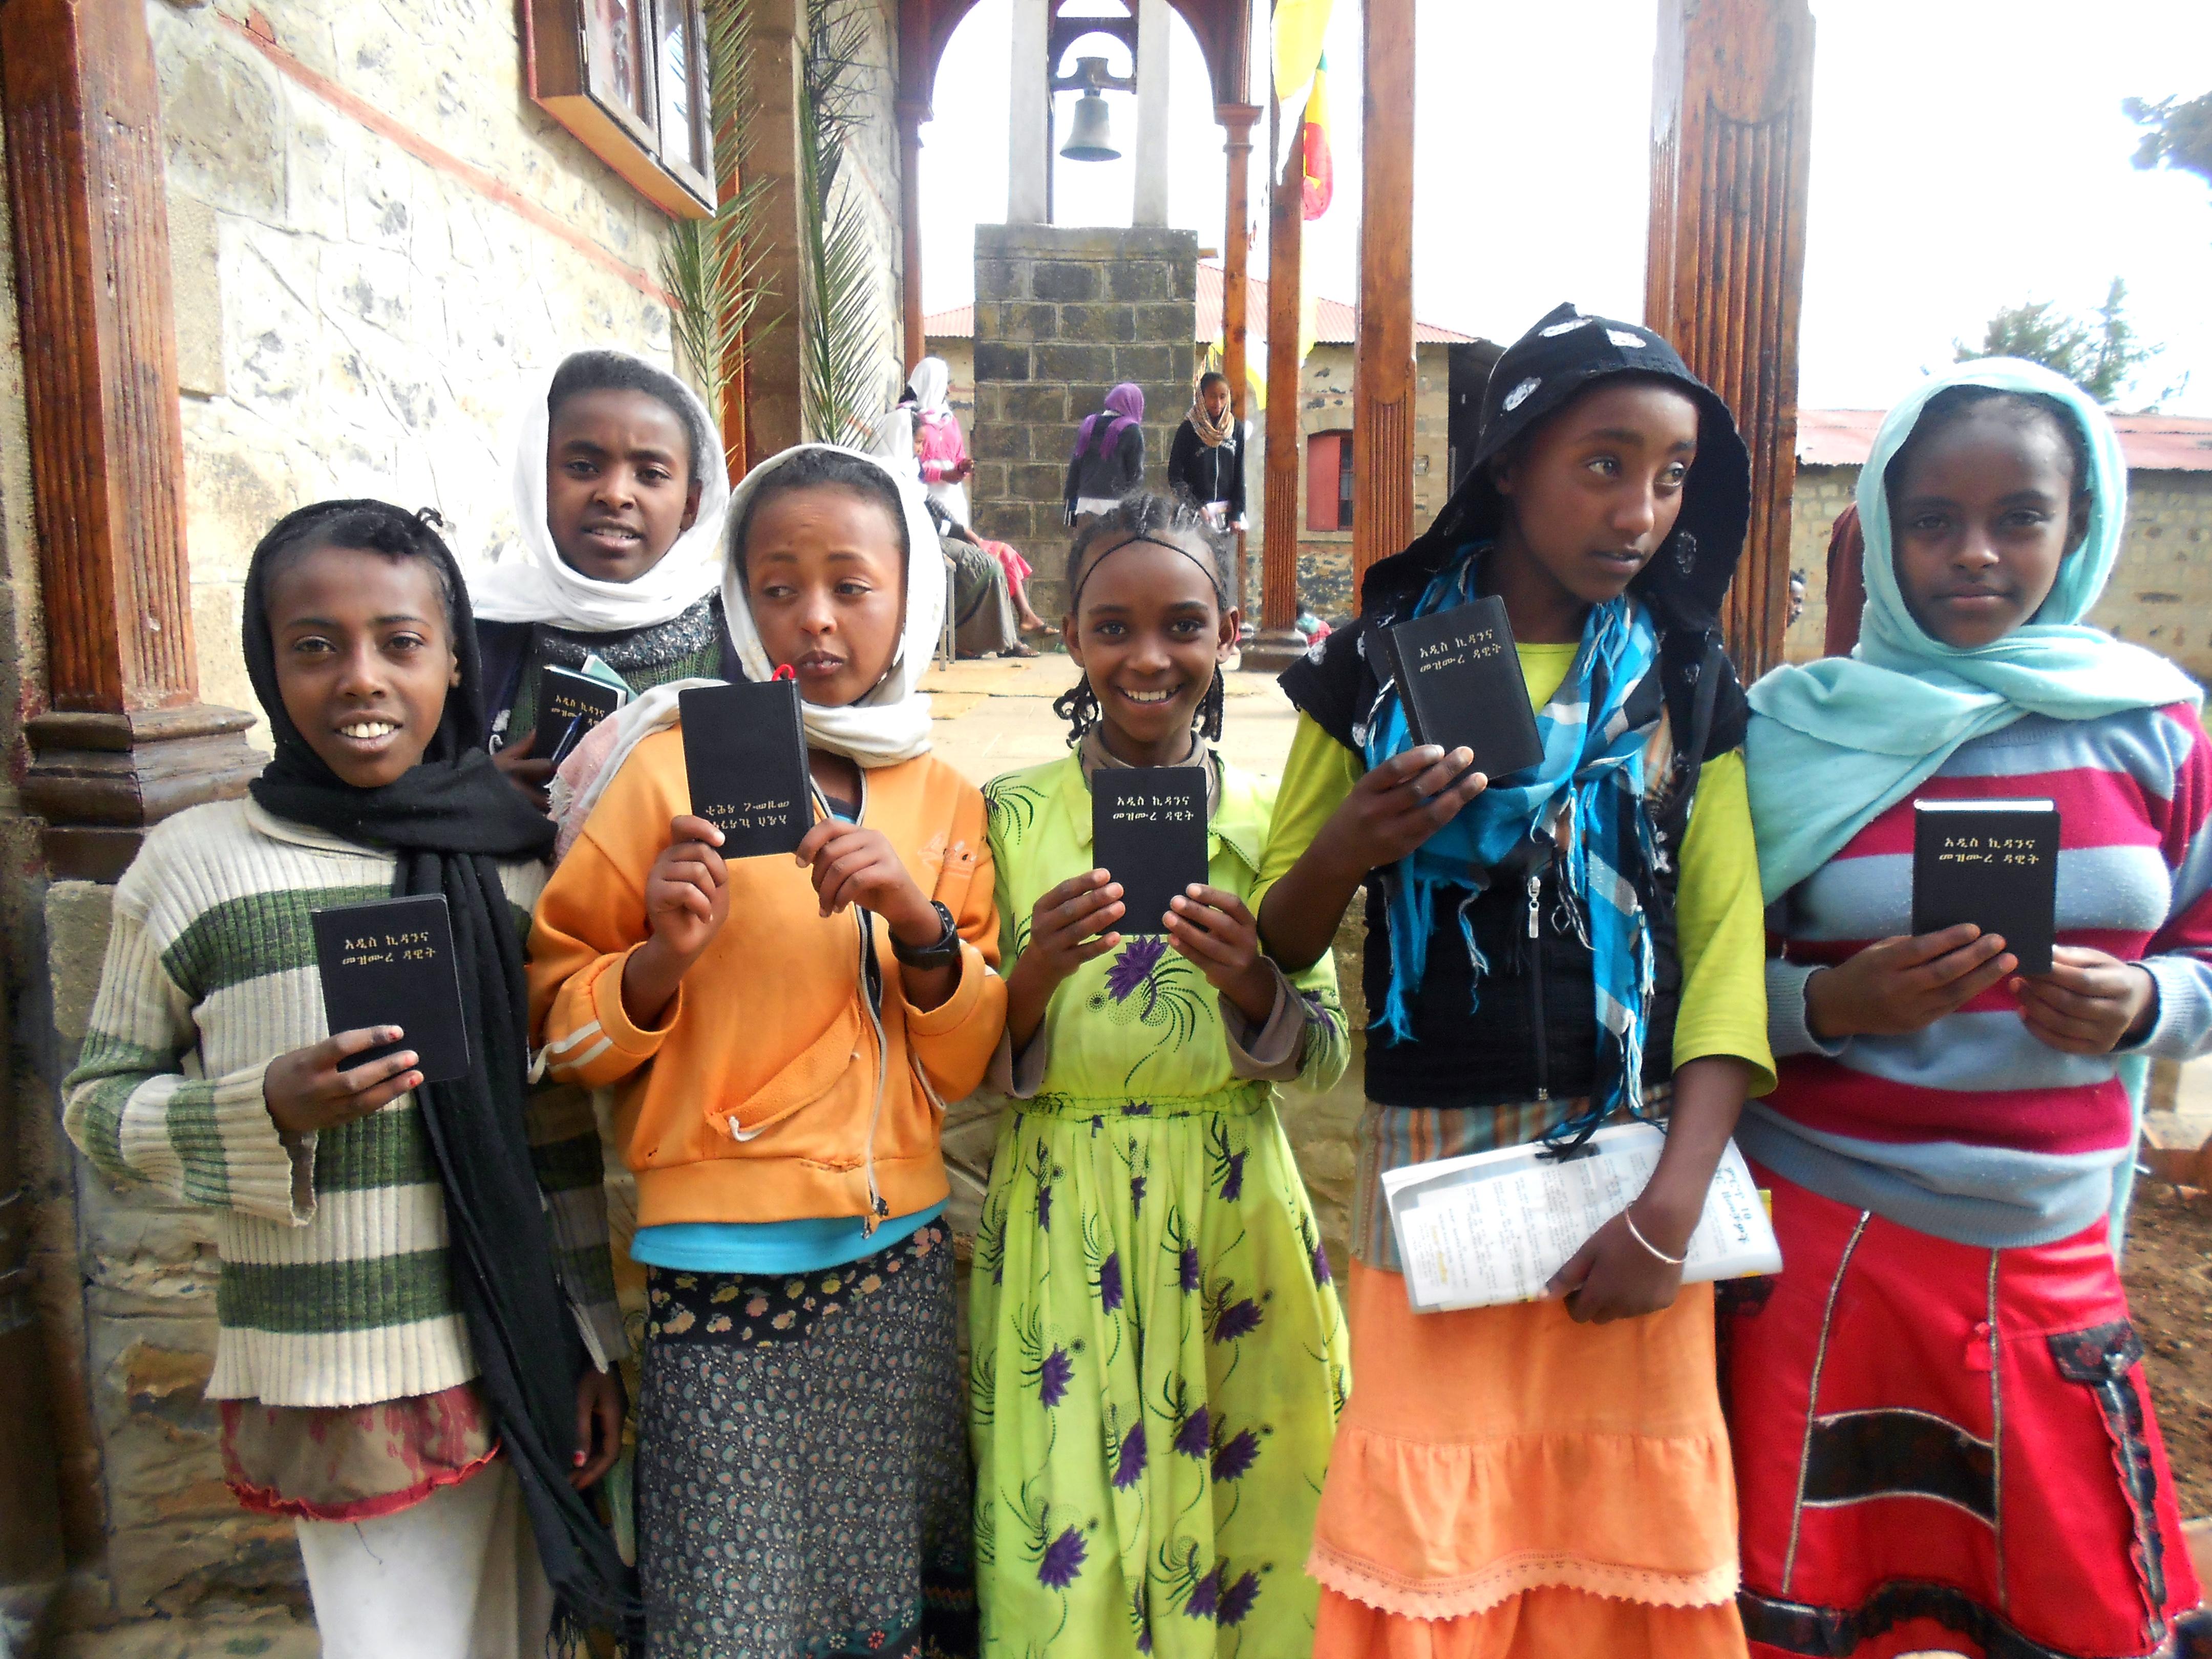 La paz en Etiopía es amenazada por conflictos étnicos: Presidente de la Conferencia Episcopal etíope